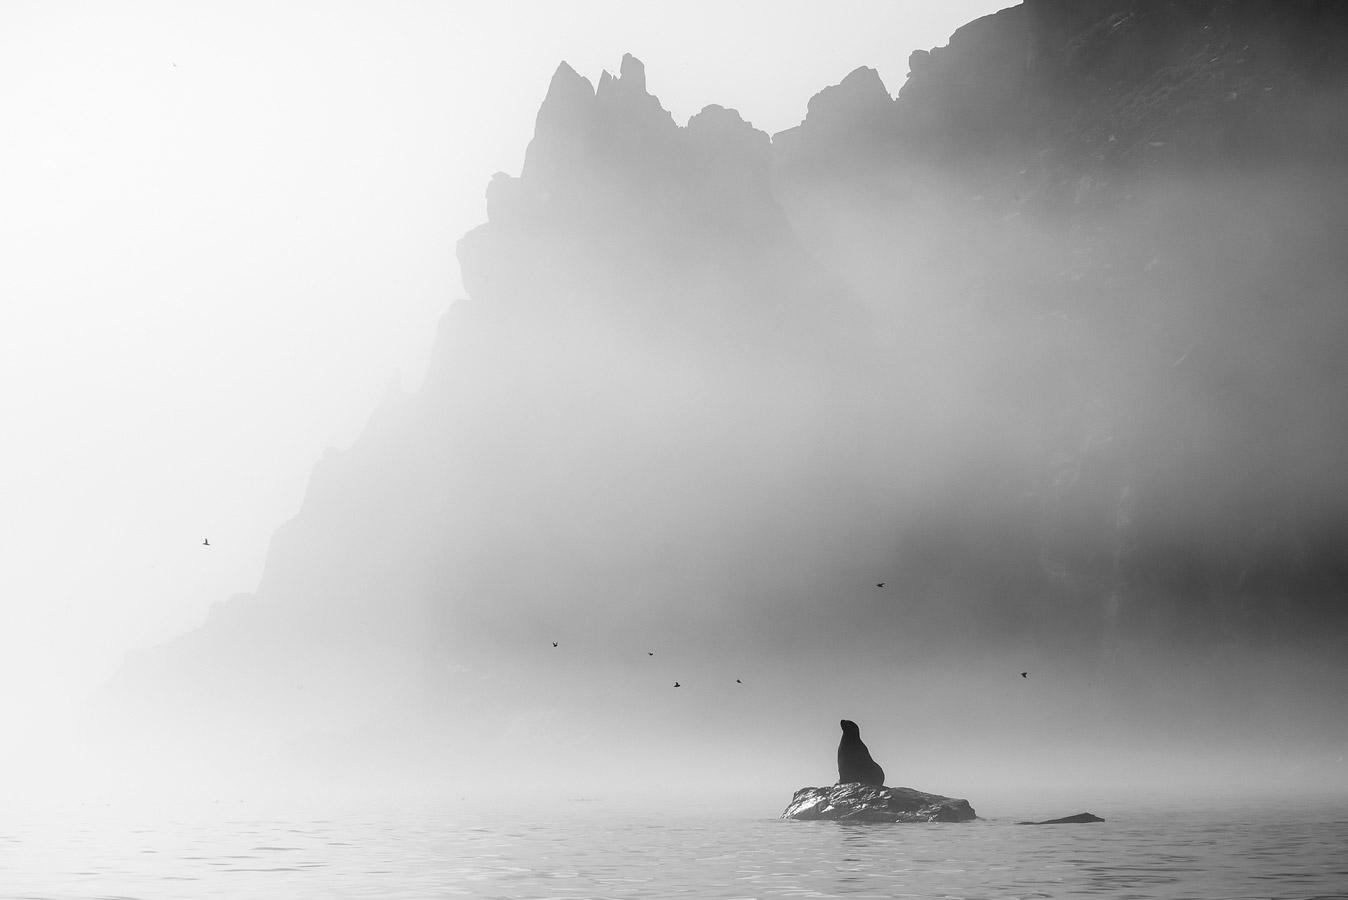 Мечтатель, © Екатерина Васягина, Анималистика, 1 место - Профессионал, Фотоконкурс Nikon «Я в сердце изображения»